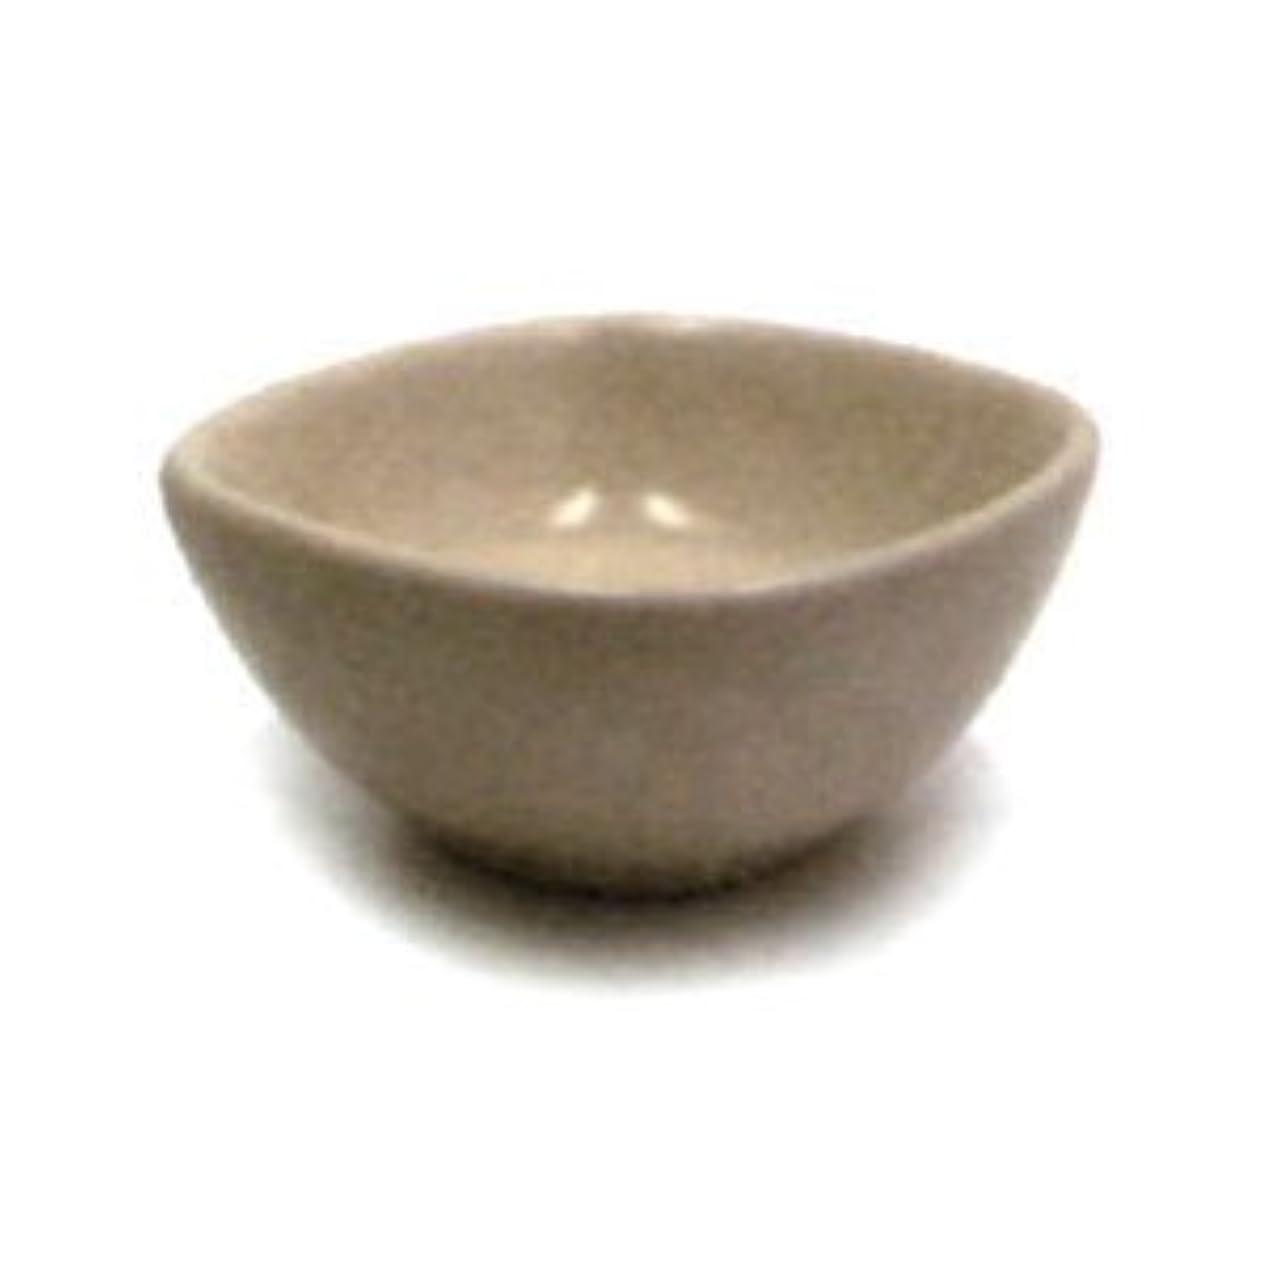 響き香台 鉢 ホワイト